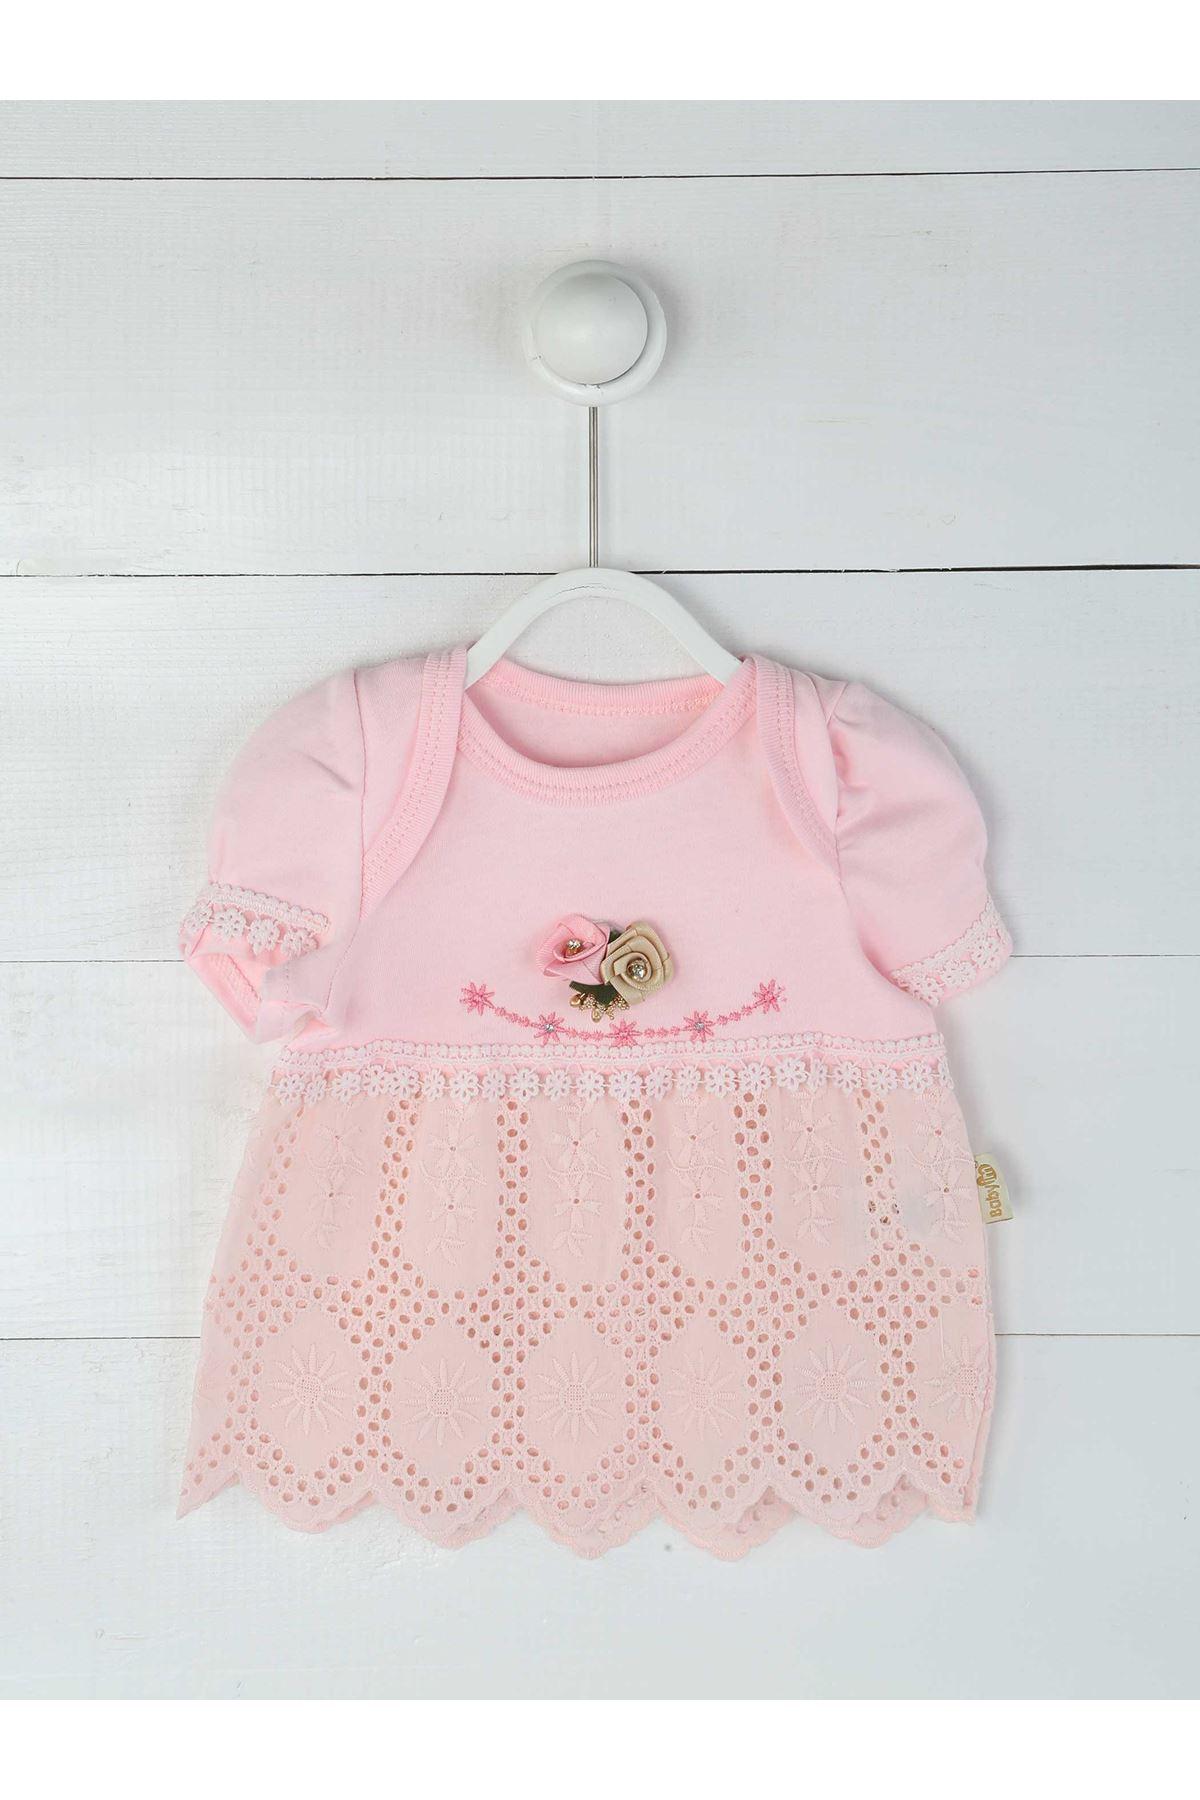 Pembe Yazlık Kız Bebek 3 lü Takım